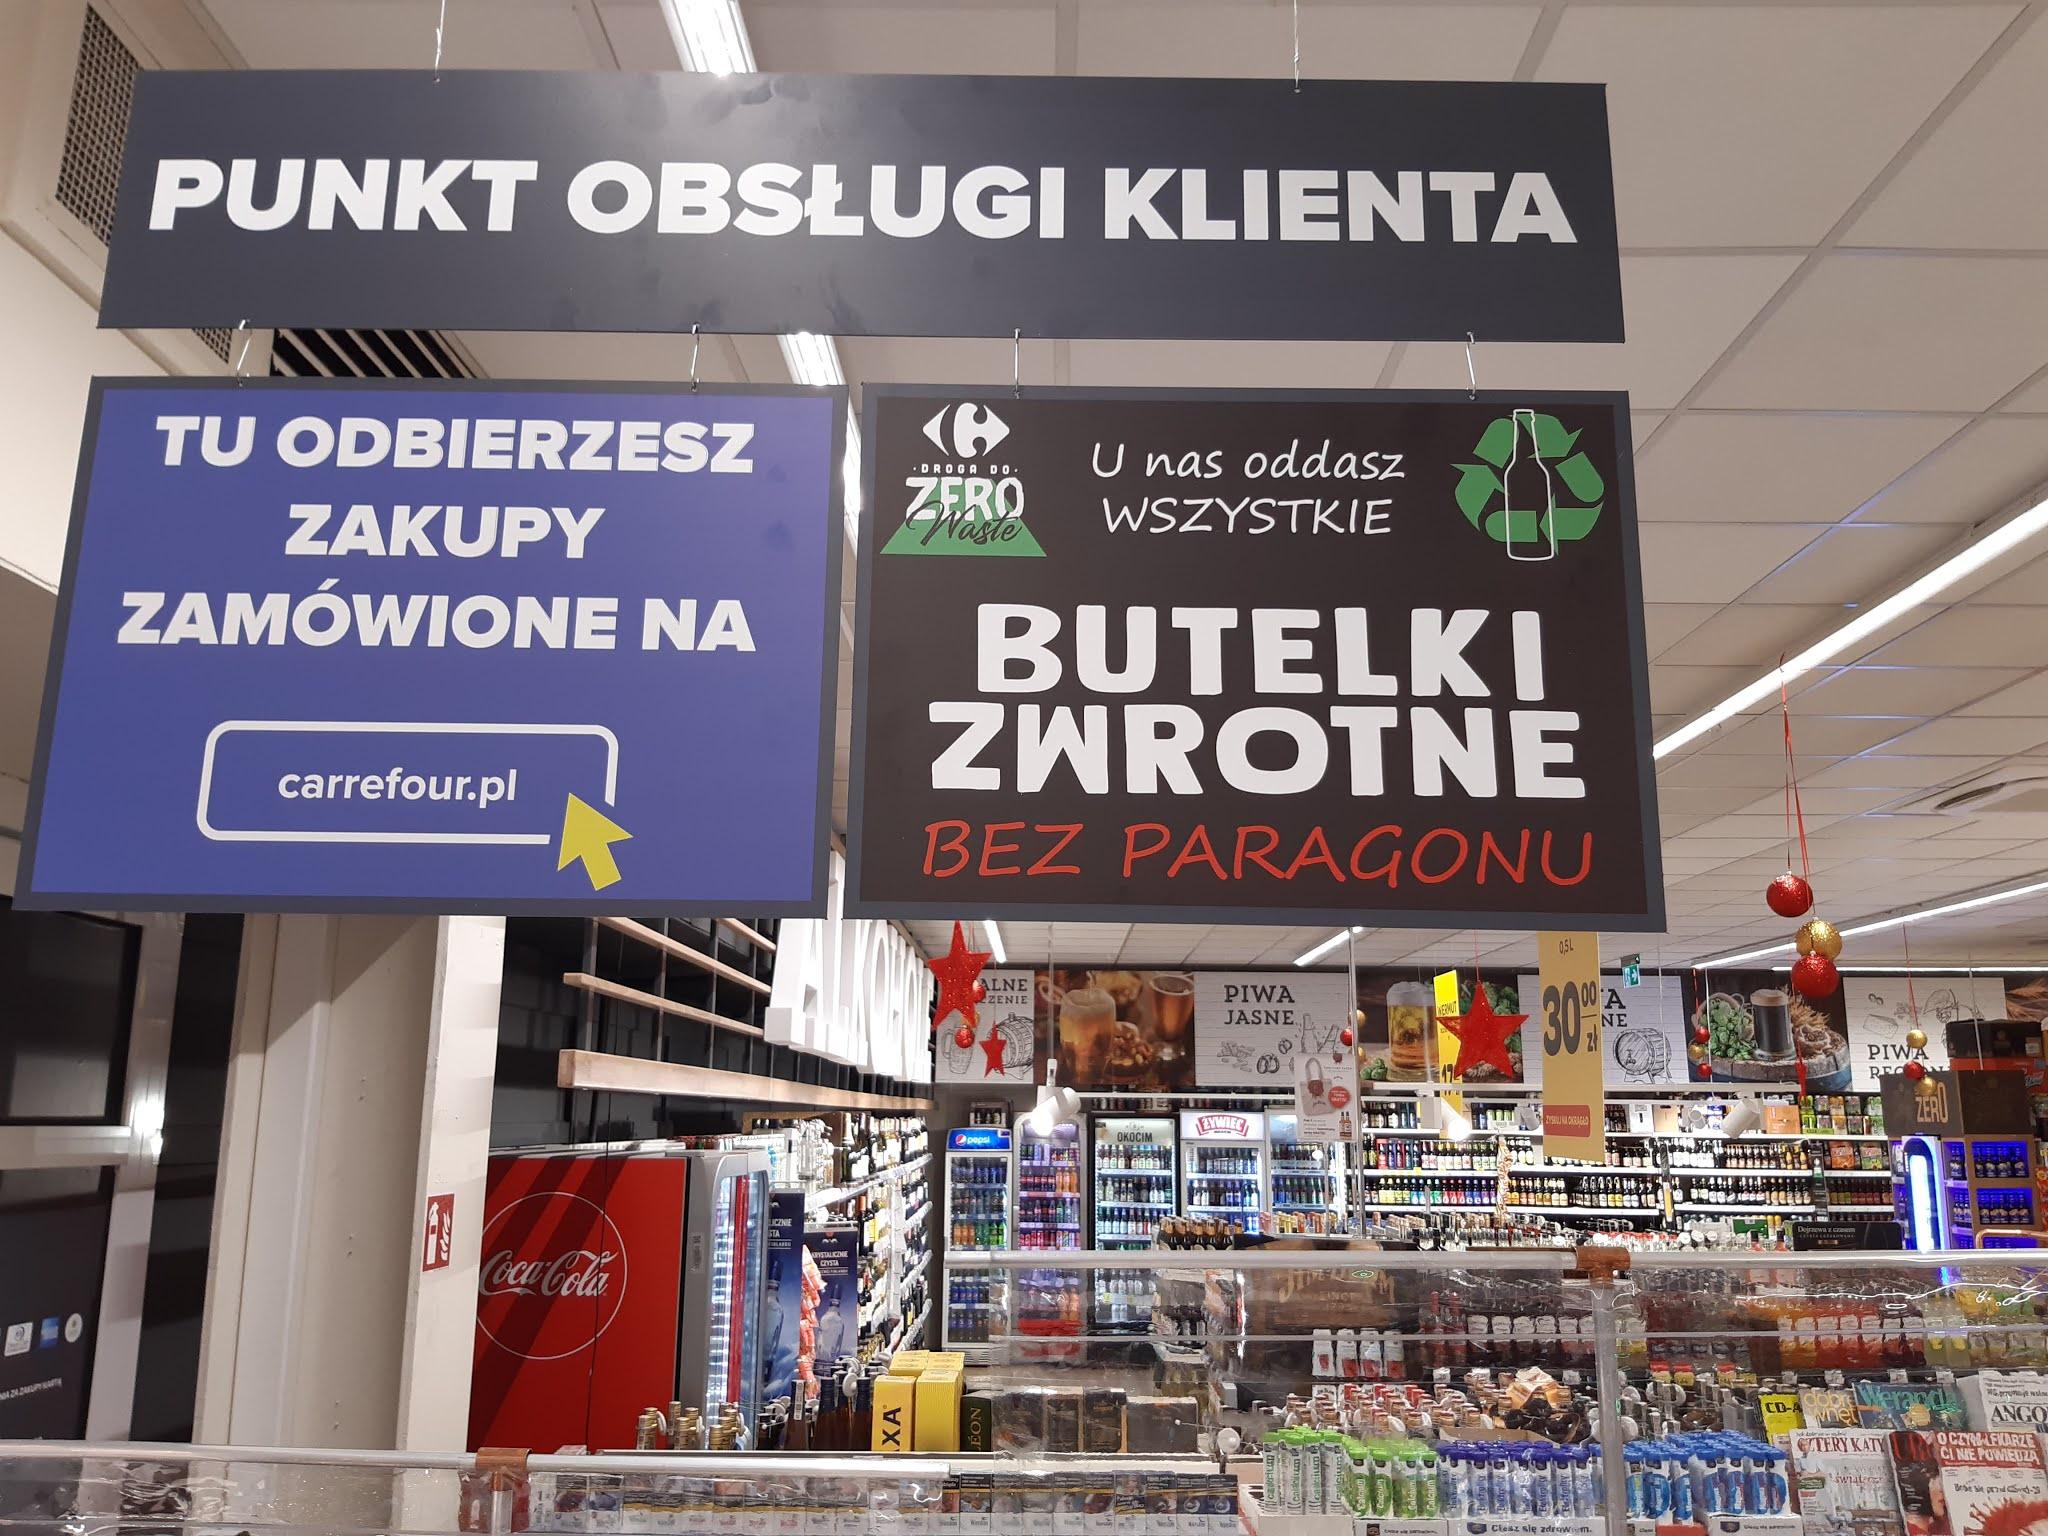 Carrefour rusza z odbiorem butelek zwrotnych bez paragonu